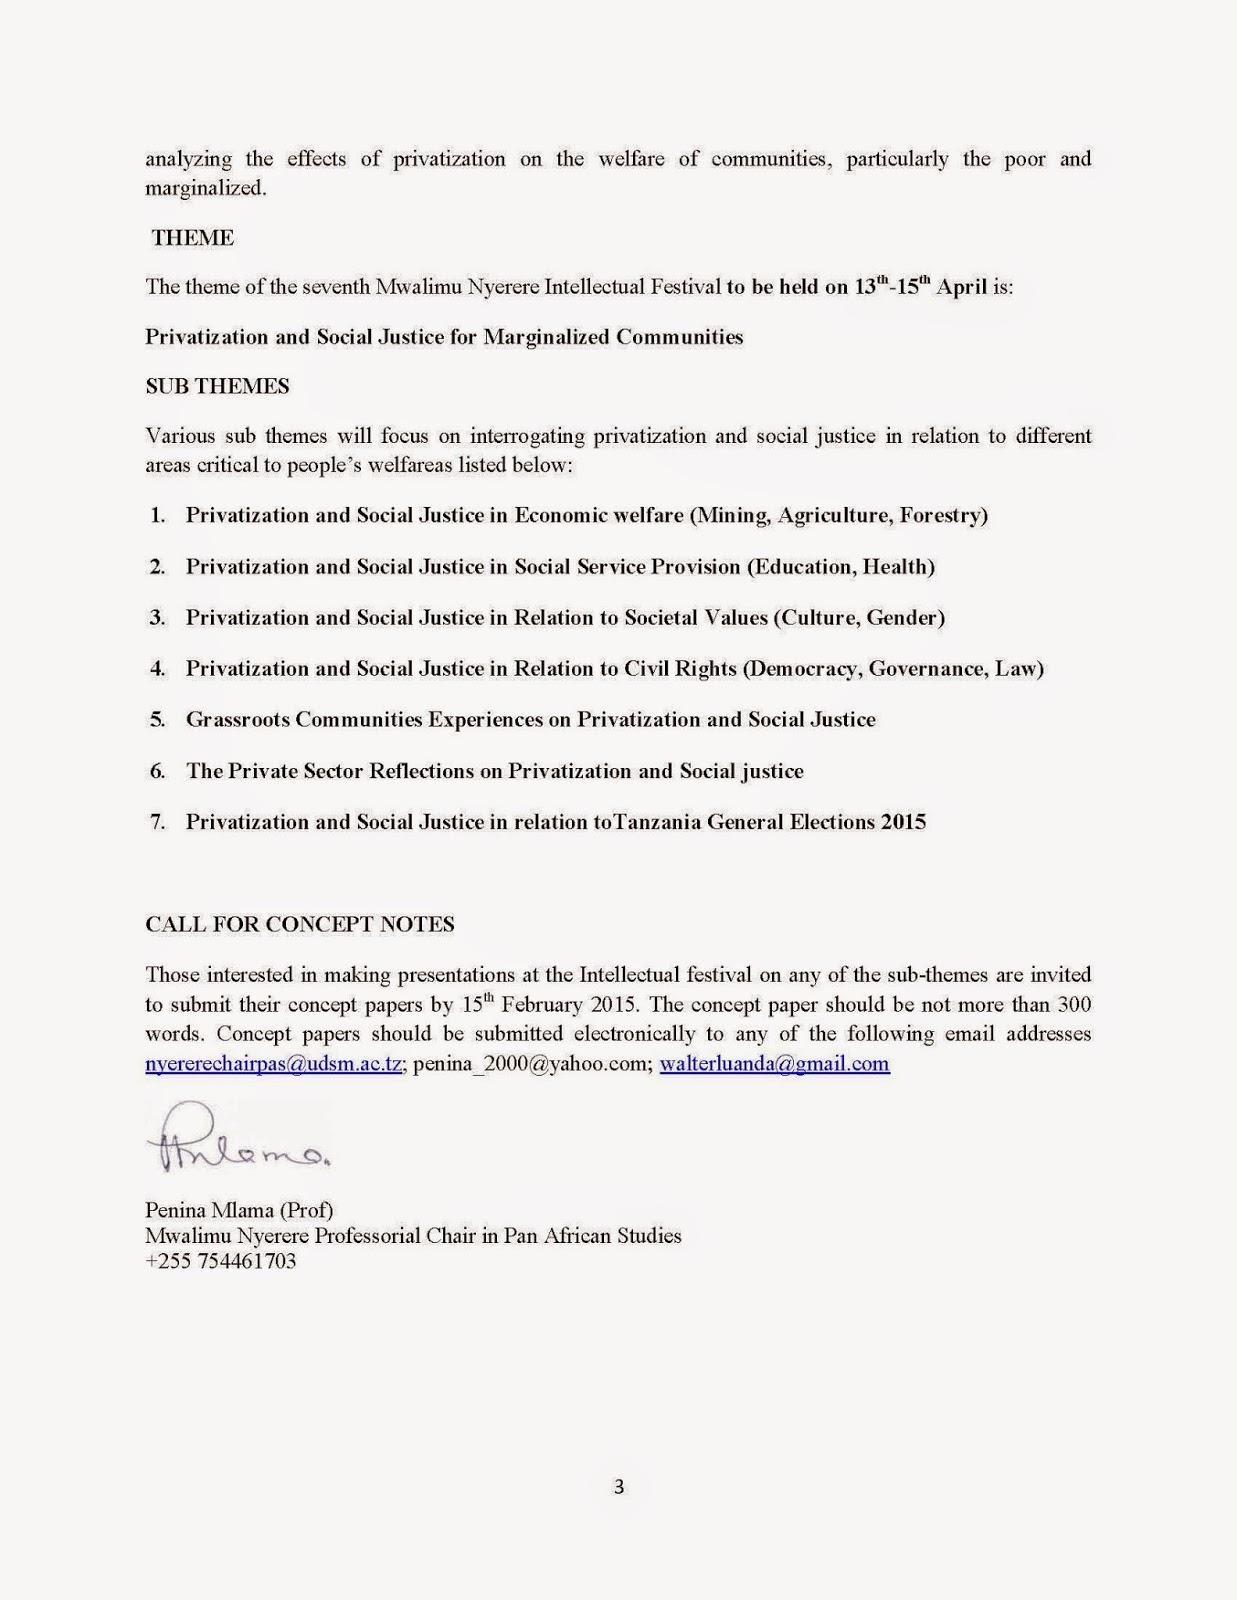 Udadisi Cfp 7th Mwalimu Nyerere Intelllectual Festival